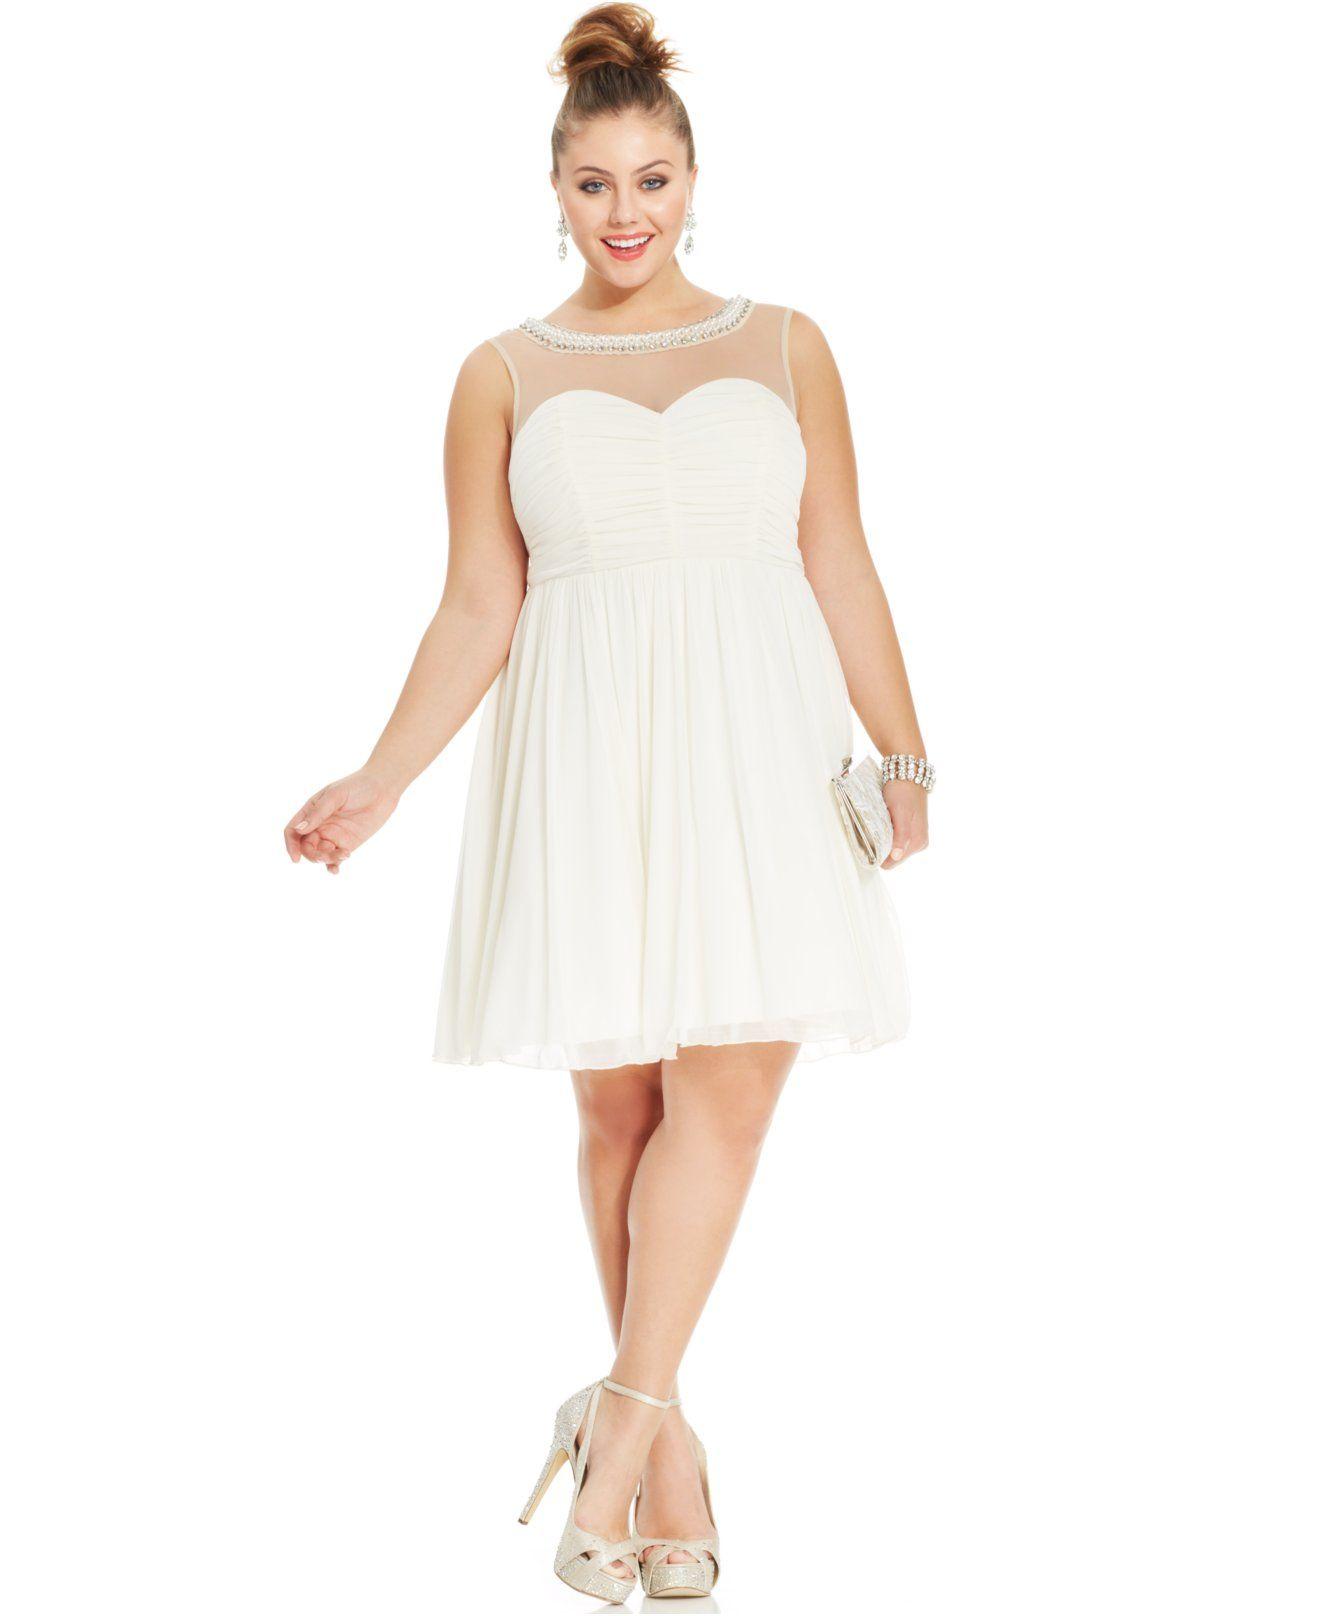 Trixxi Plus Size Illusion Ruched A-Line Dress - Dresses - Plus Sizes ...